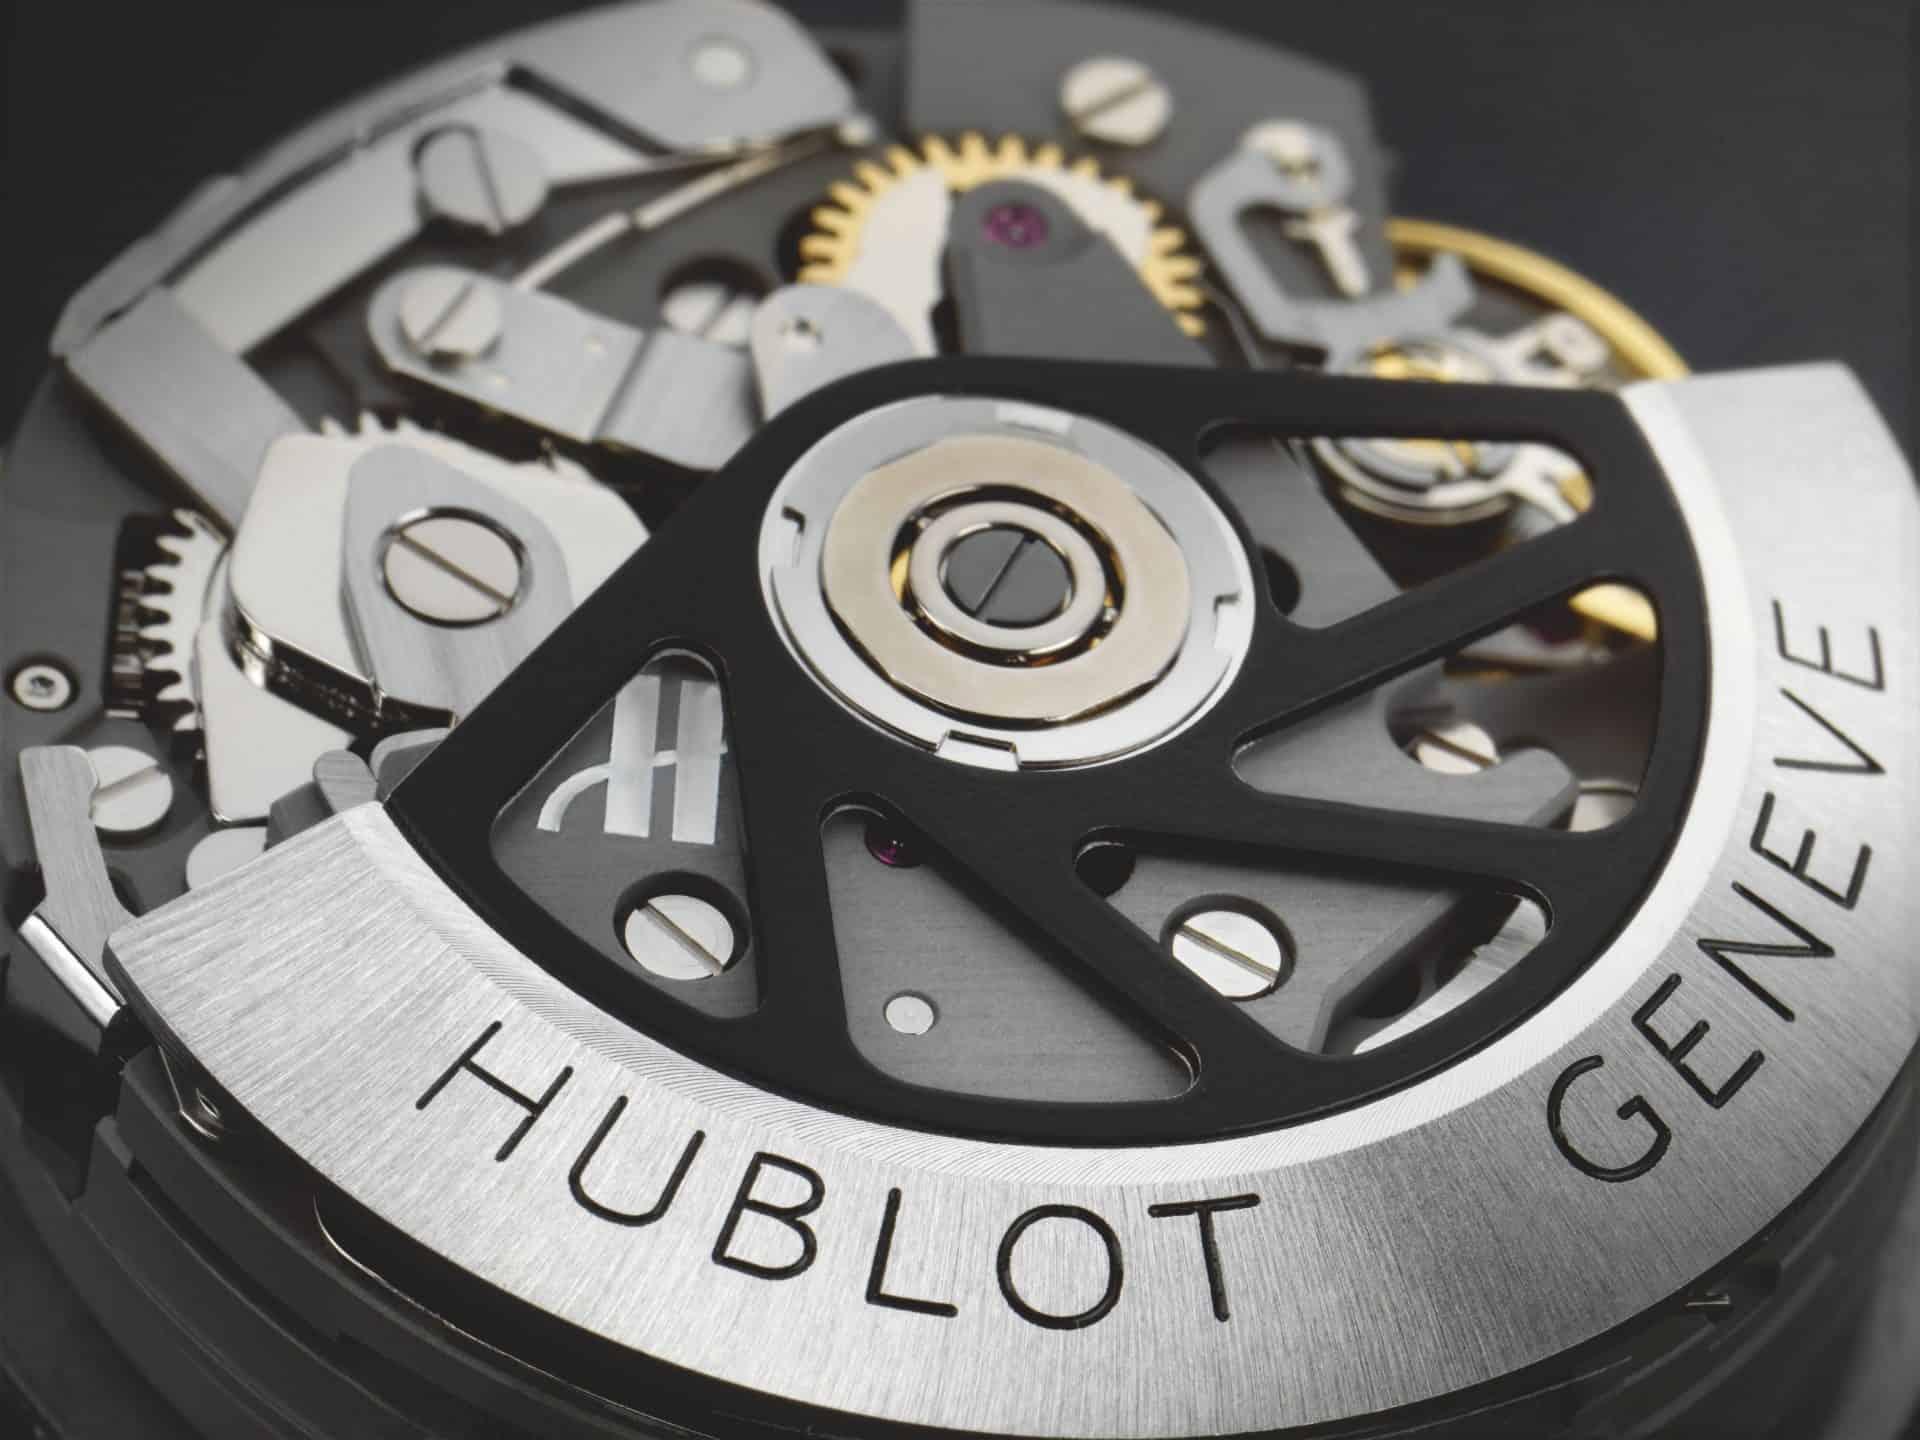 Der Titan-Rotor des Kalibers HUB44 trägt außen überdies ein Wolfram-Segment